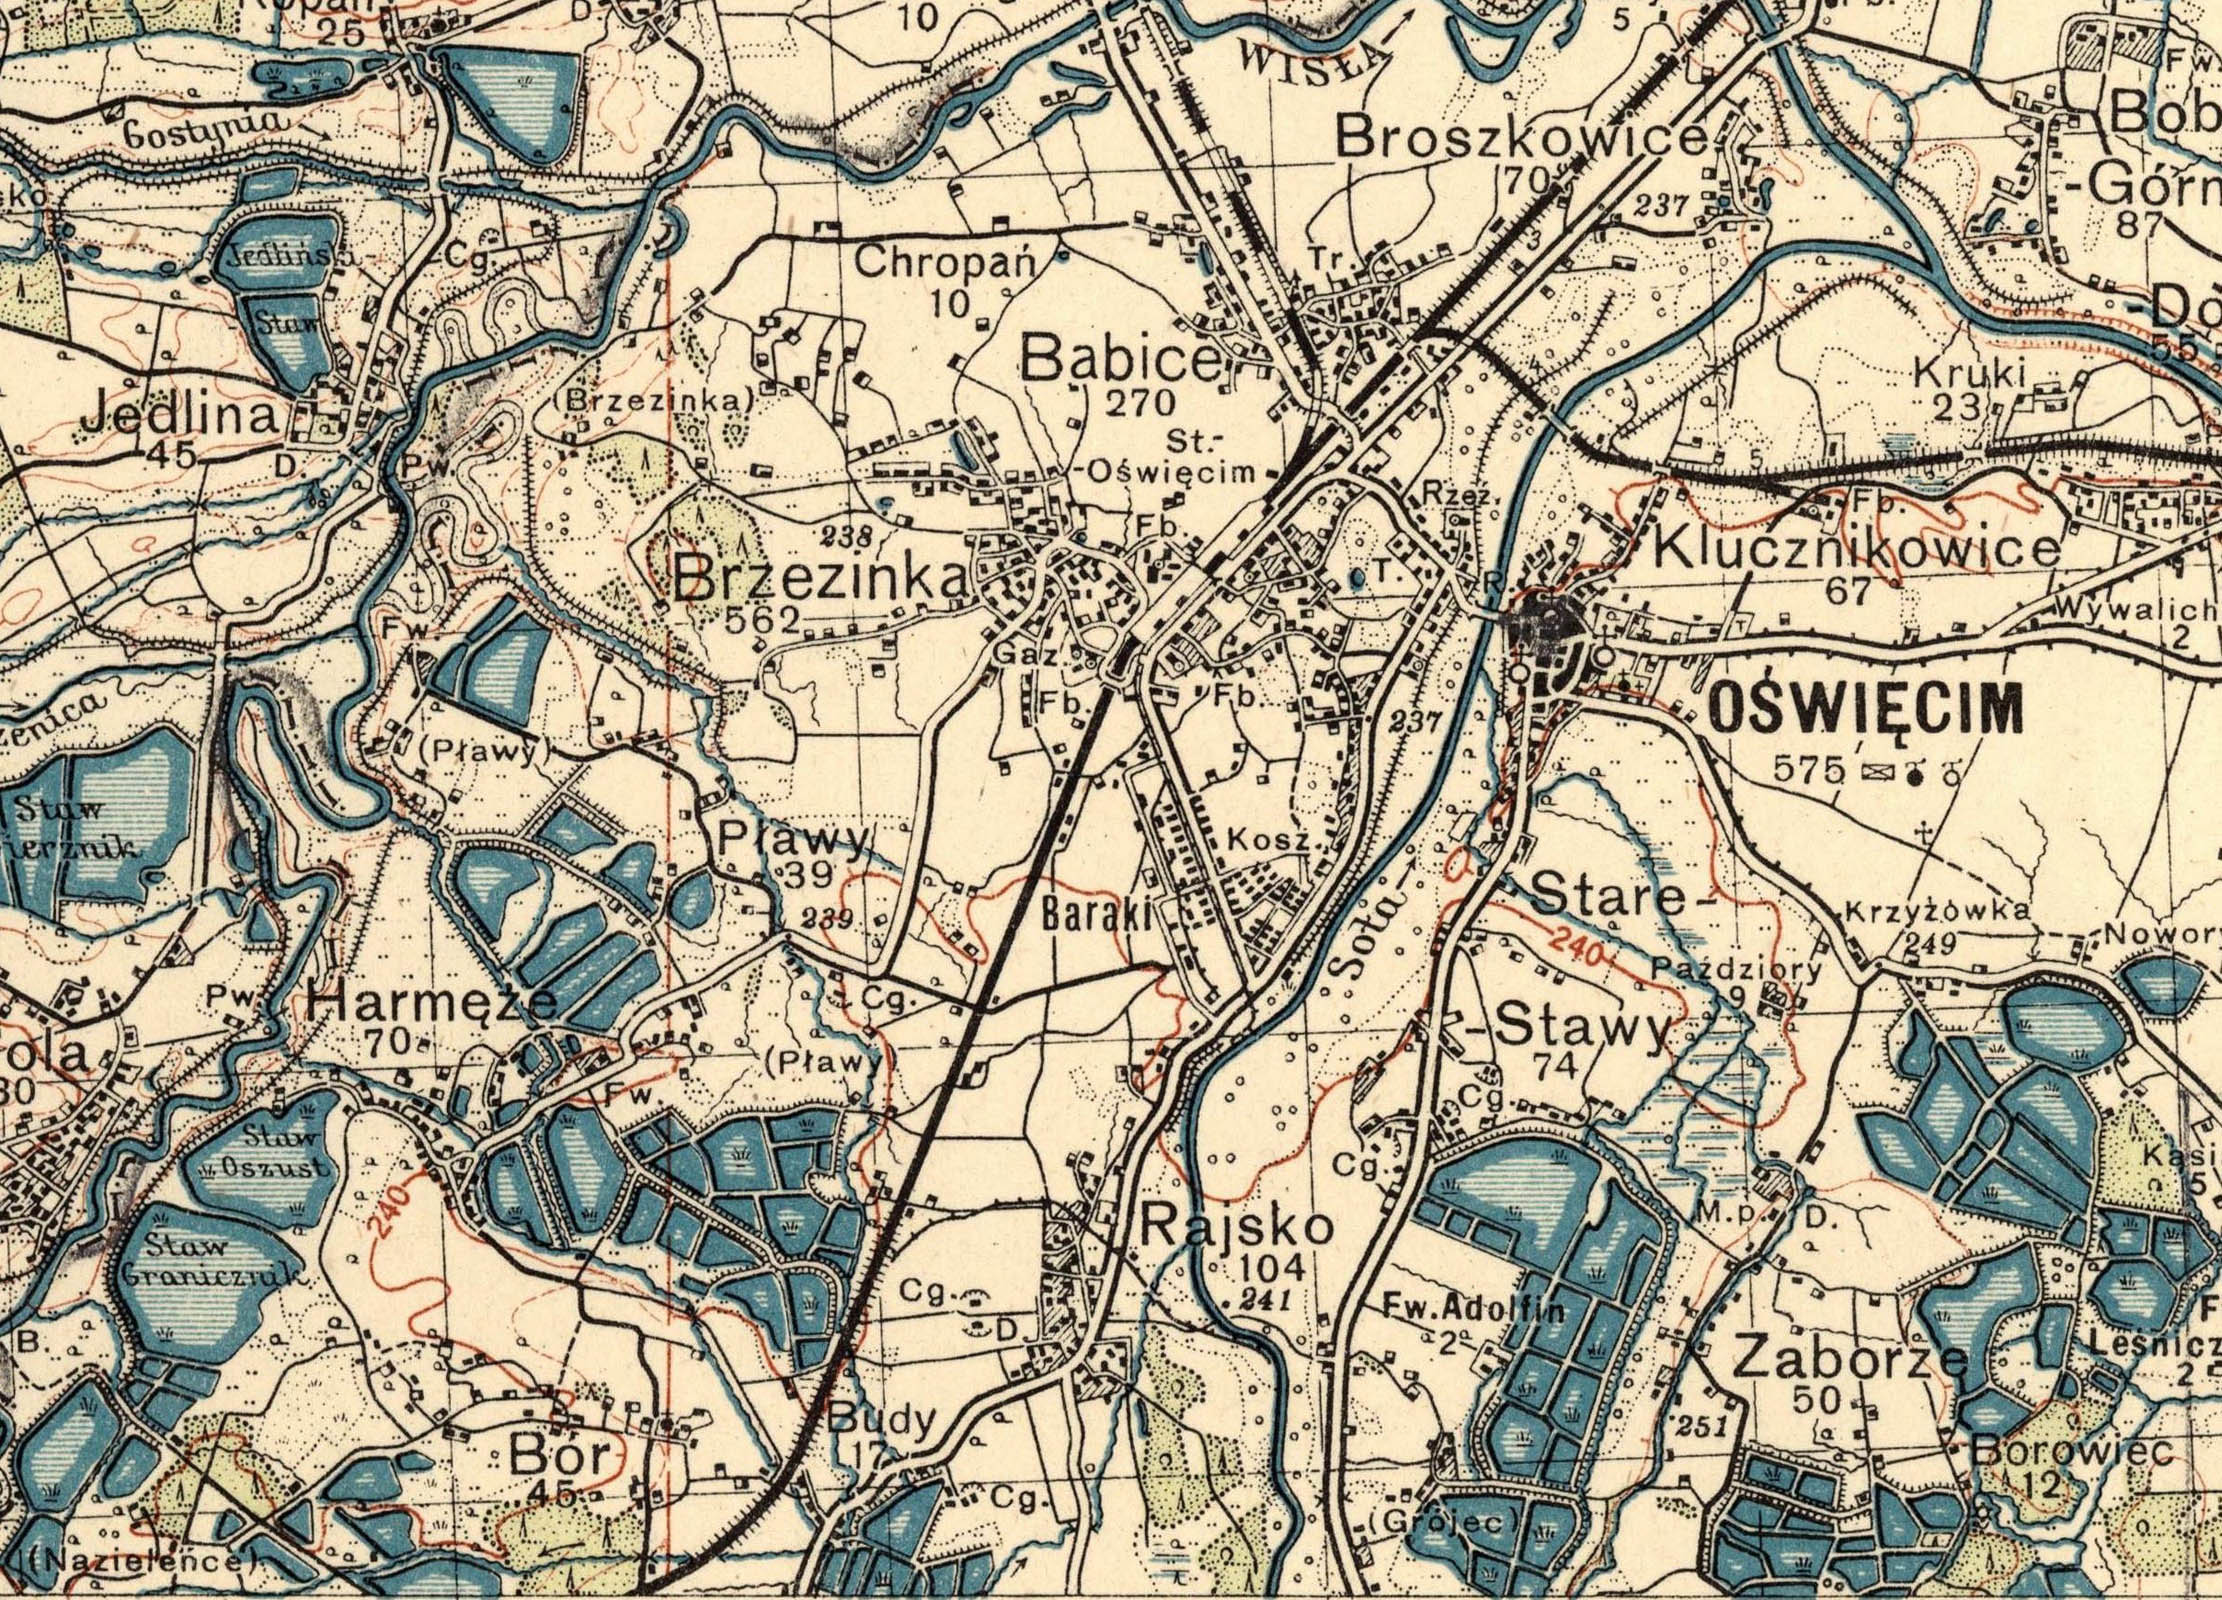 Ordinance survey map of1933. Agricultural areas around Oswiecim Babice, Harmeze, Plawy, Rajsko, Budy